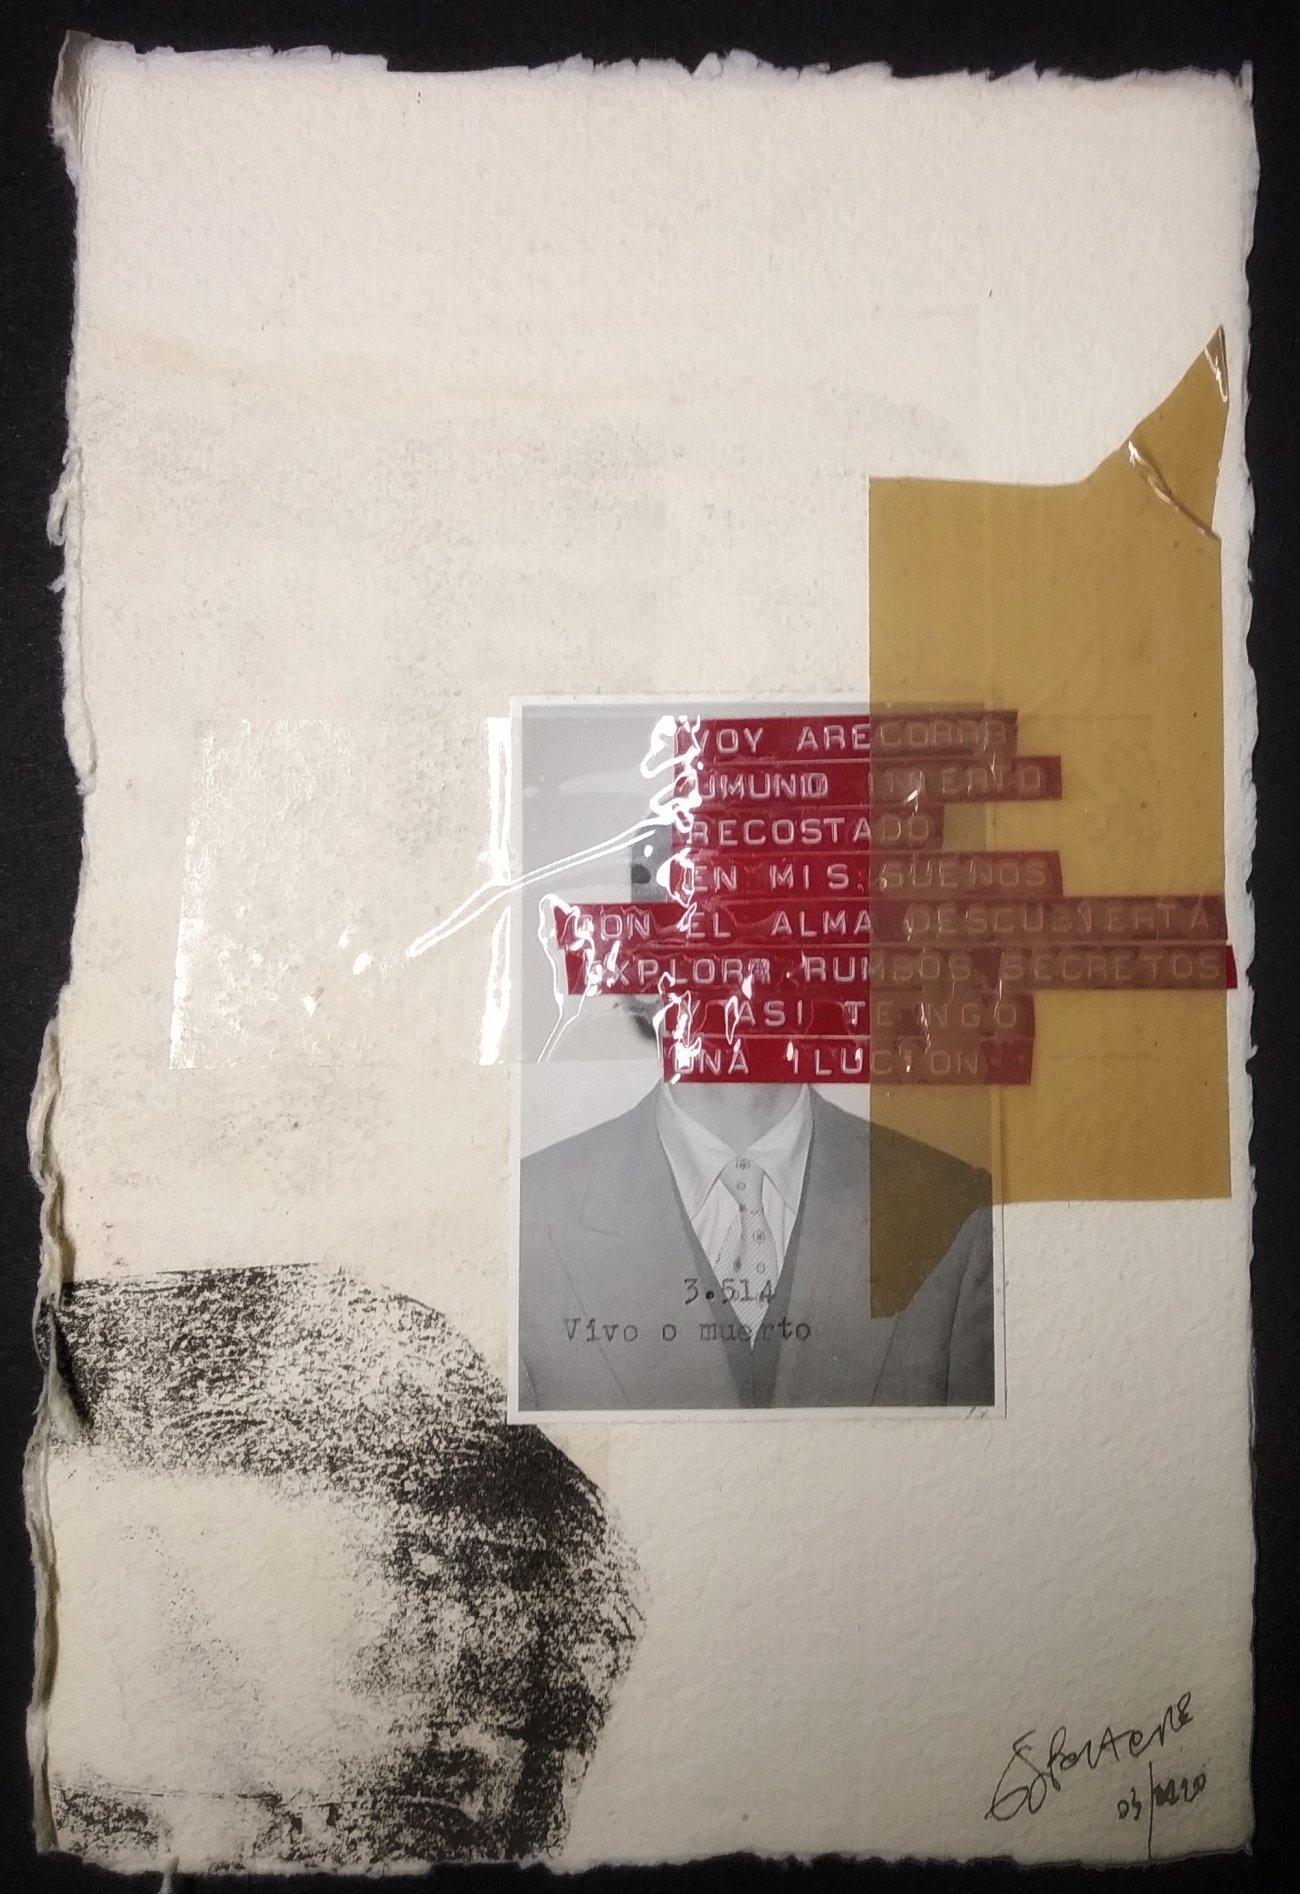 Trip 3 (2020) - Guillermo Spoltore